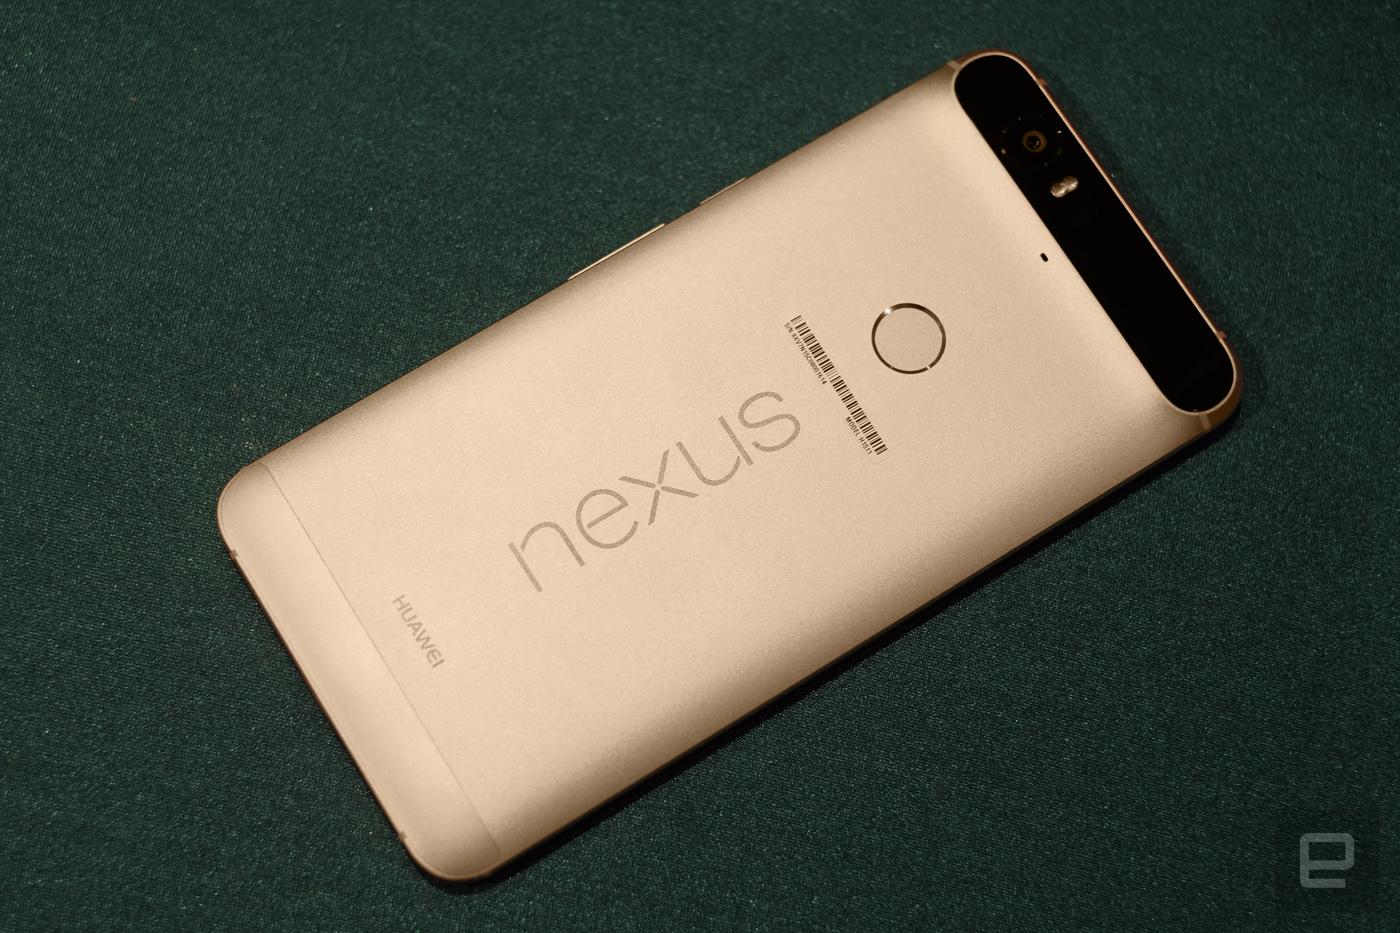 据报华为与谷歌在 Nexus 手机策略上有所分岐